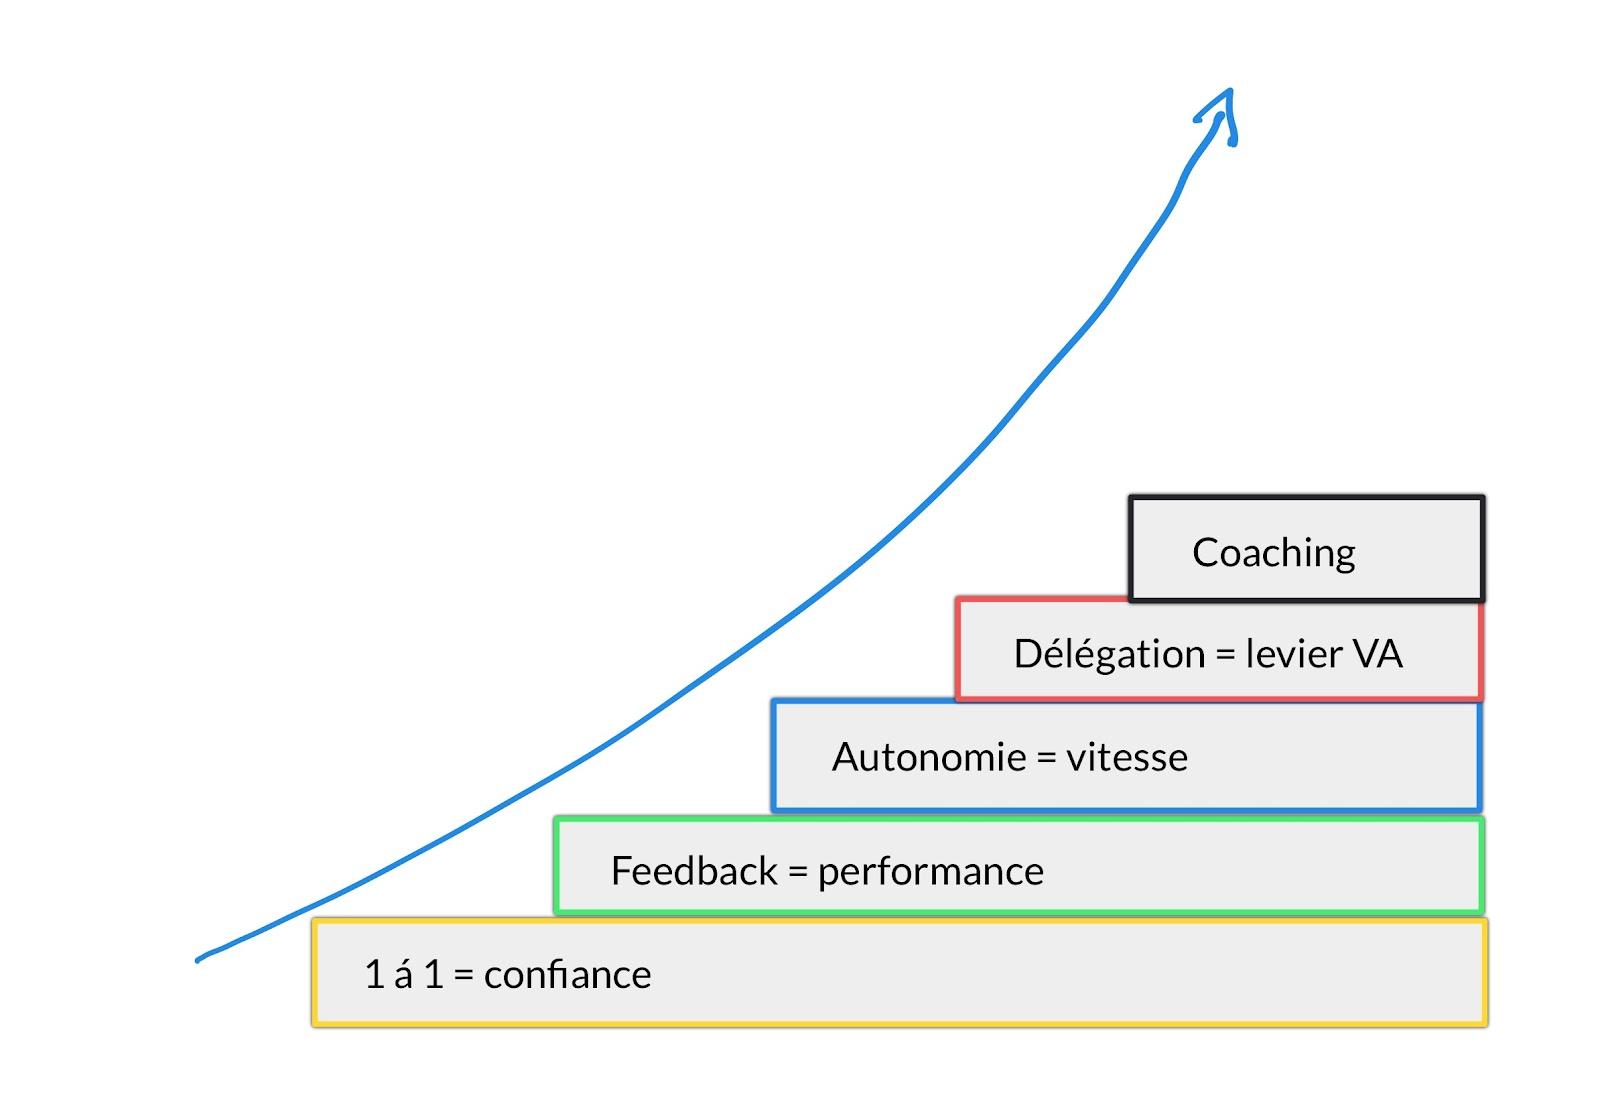 Tu dois mettre tous les étages de la fusée ODM, c'est-à-dire : les 1 à 1 pour la confiance, les feedbacks pour la performance, l'autonomie pour gagner en vitesse, la délégation pour augmenter la valeur ajoutée de ton travail et de celui de ton équipe, et enfin, le coaching, mission suprême du manager.